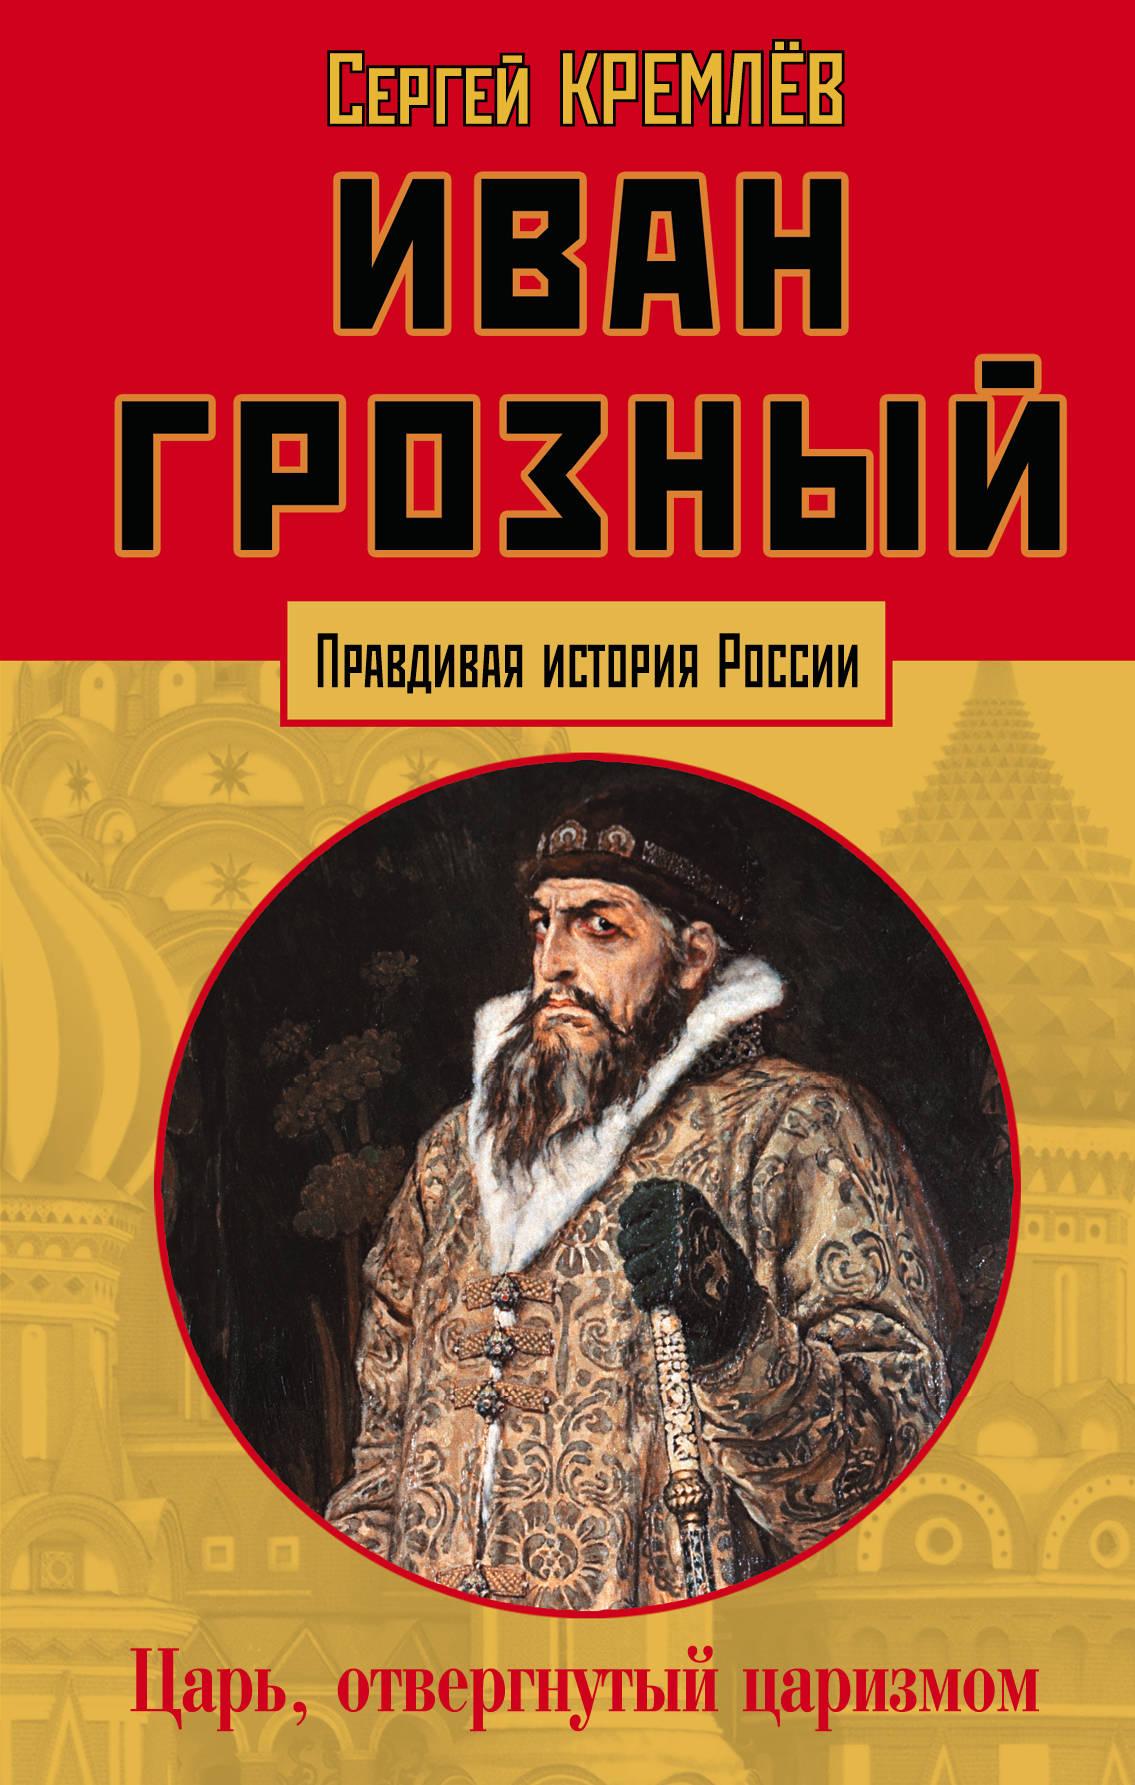 Иван Грозный: Царь, отвергнутый царизмом